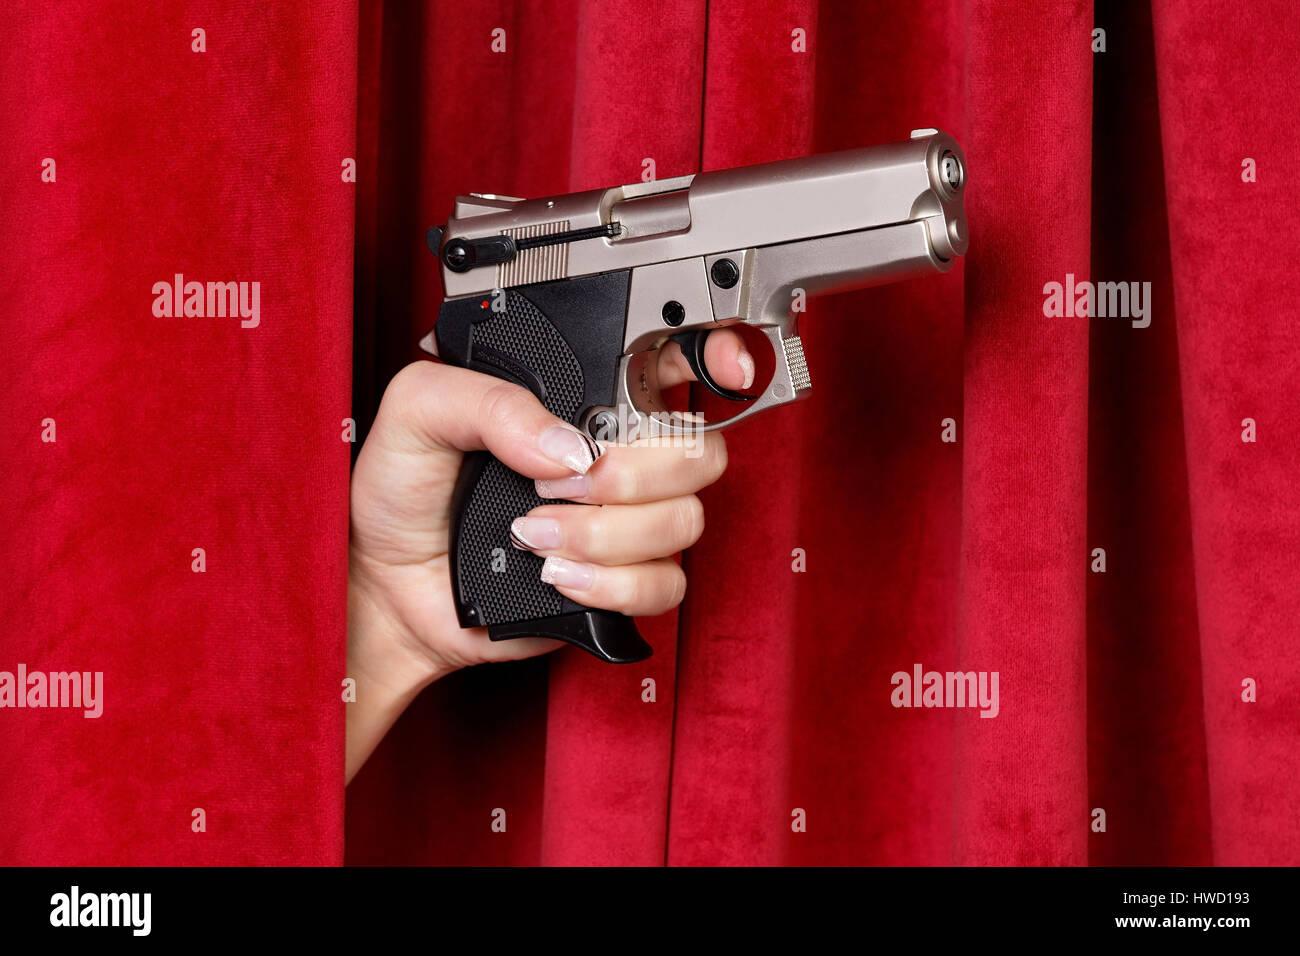 A revolver is pushed by a women's hand by a red curtain, Eine Revolver wird von einer Frauenhand durch einen roten Vorhang geschoben Stock Photo